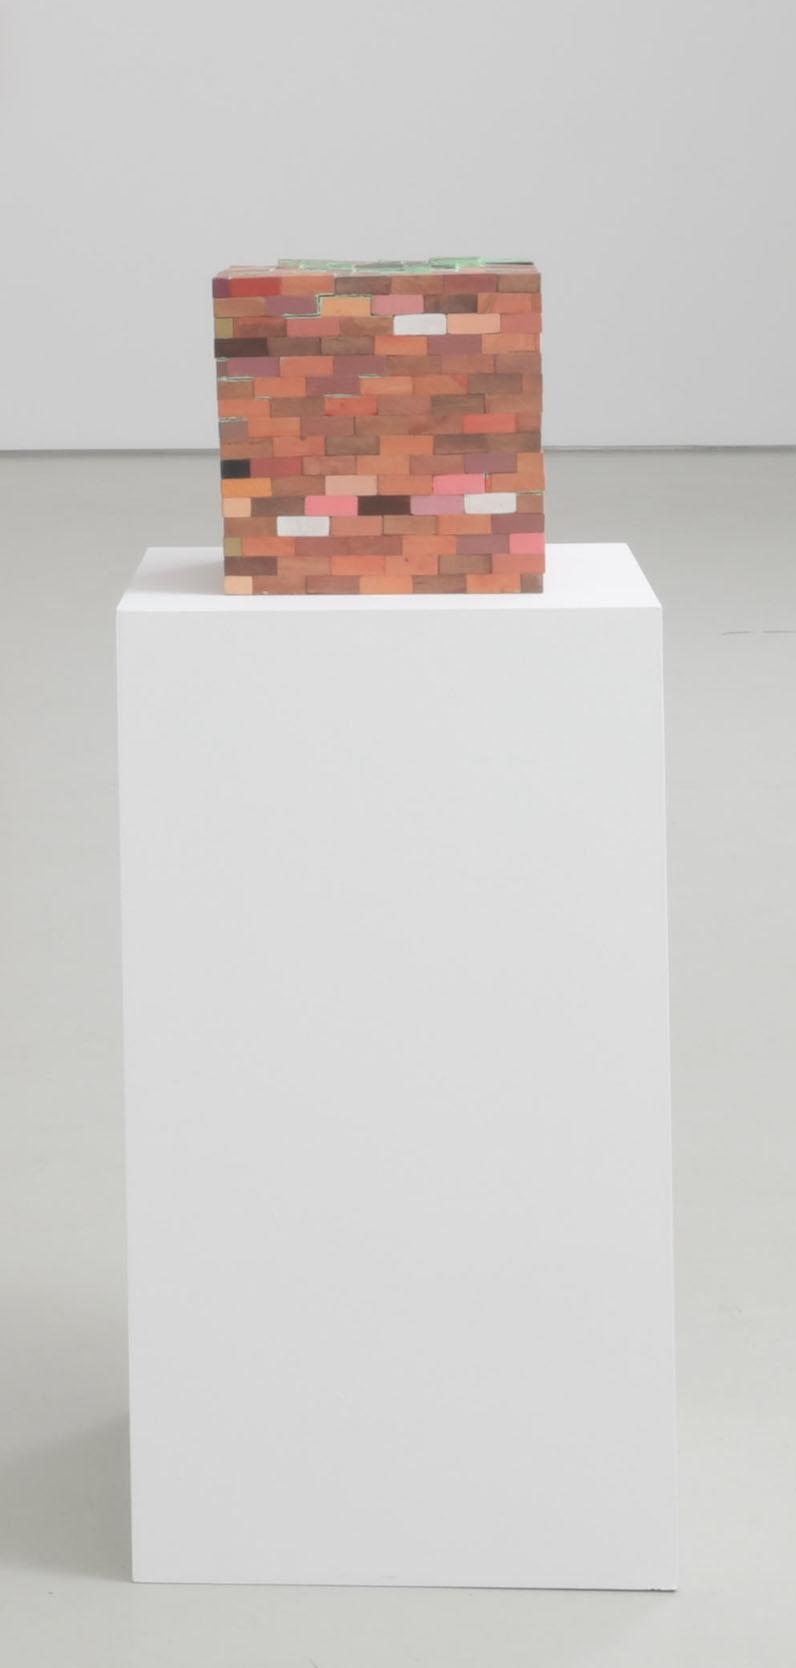 Aimee Goguen, Blob Box, 2016. Wood, gouache, acrylic, dye, glue 24 x 24 x 24 in (61 x 61 x 61 cm)